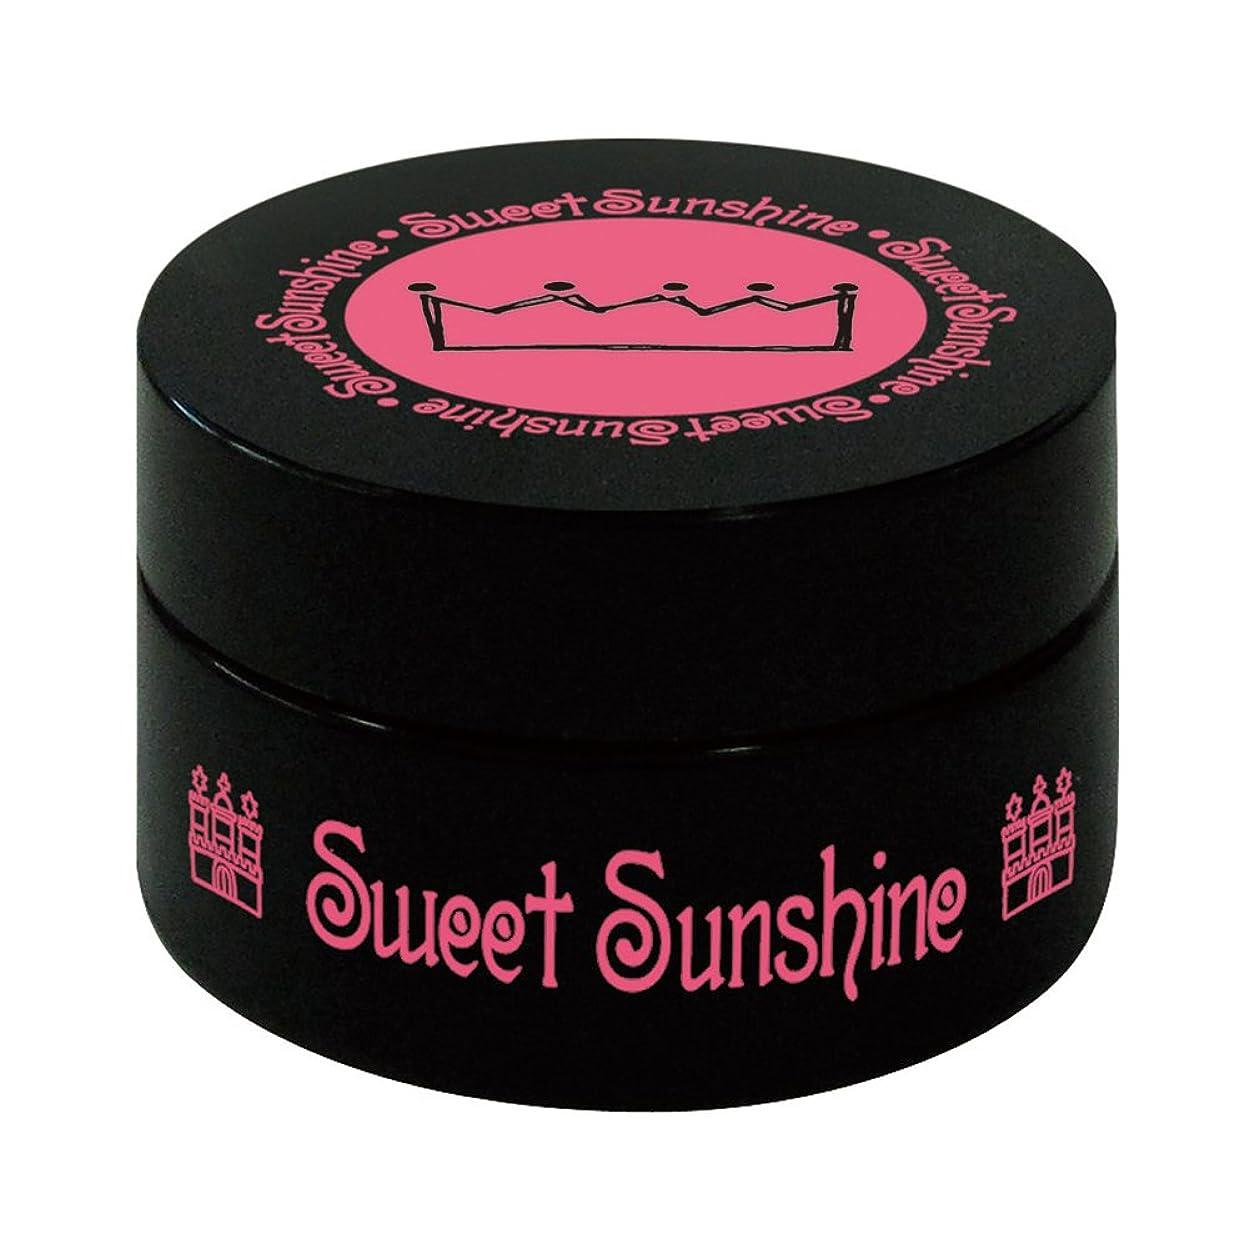 人質掃除ハウス最速硬化LED対応 Sweet Sunshine スィート サンシャイン カラージェル SC-1 4g サンシャインビーチピンク